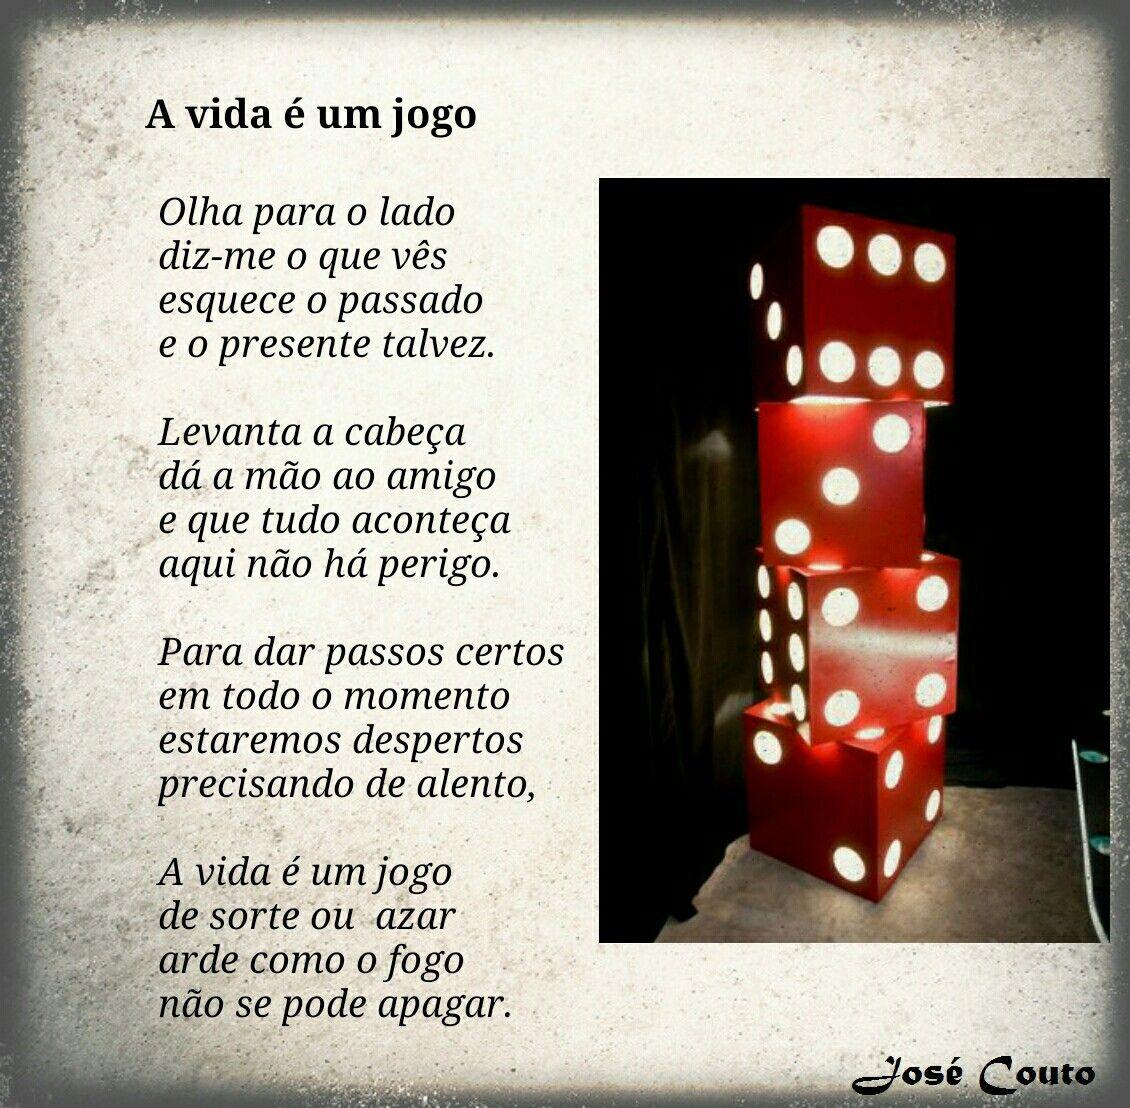 A Vida é Um Jogo Poesia Poema Versos Amor Poeta Poetry